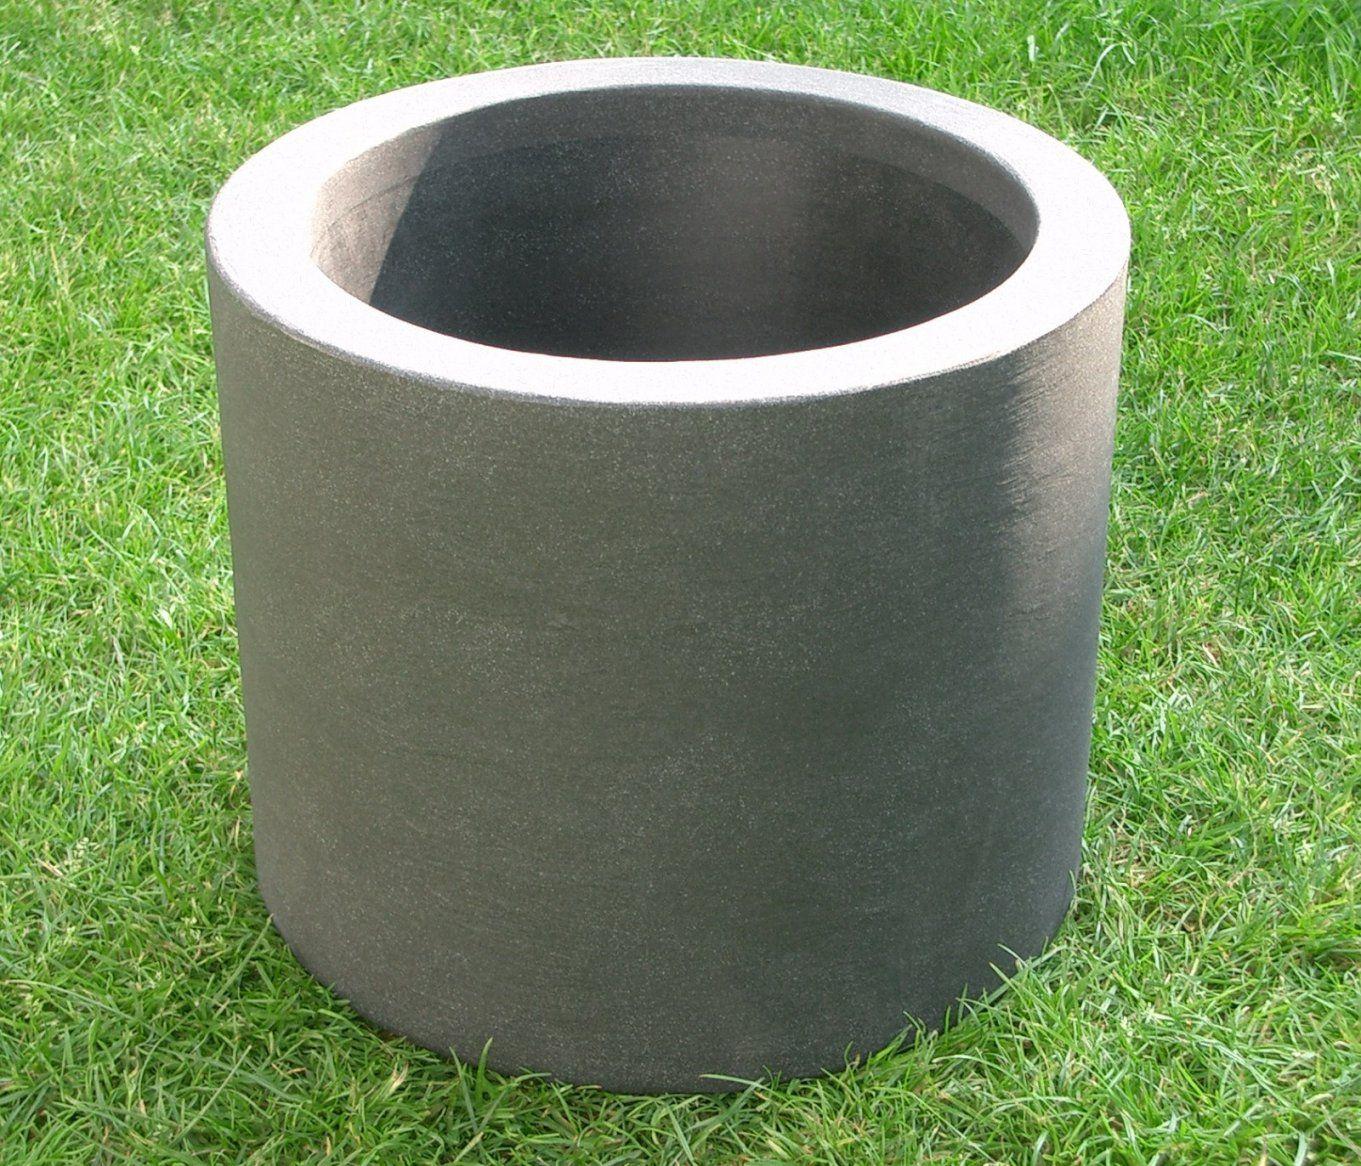 Pflanzkübel Rund Kunststoff Wg57 – Hitoiro von Pflanzkübel 80 Cm Durchmesser Photo